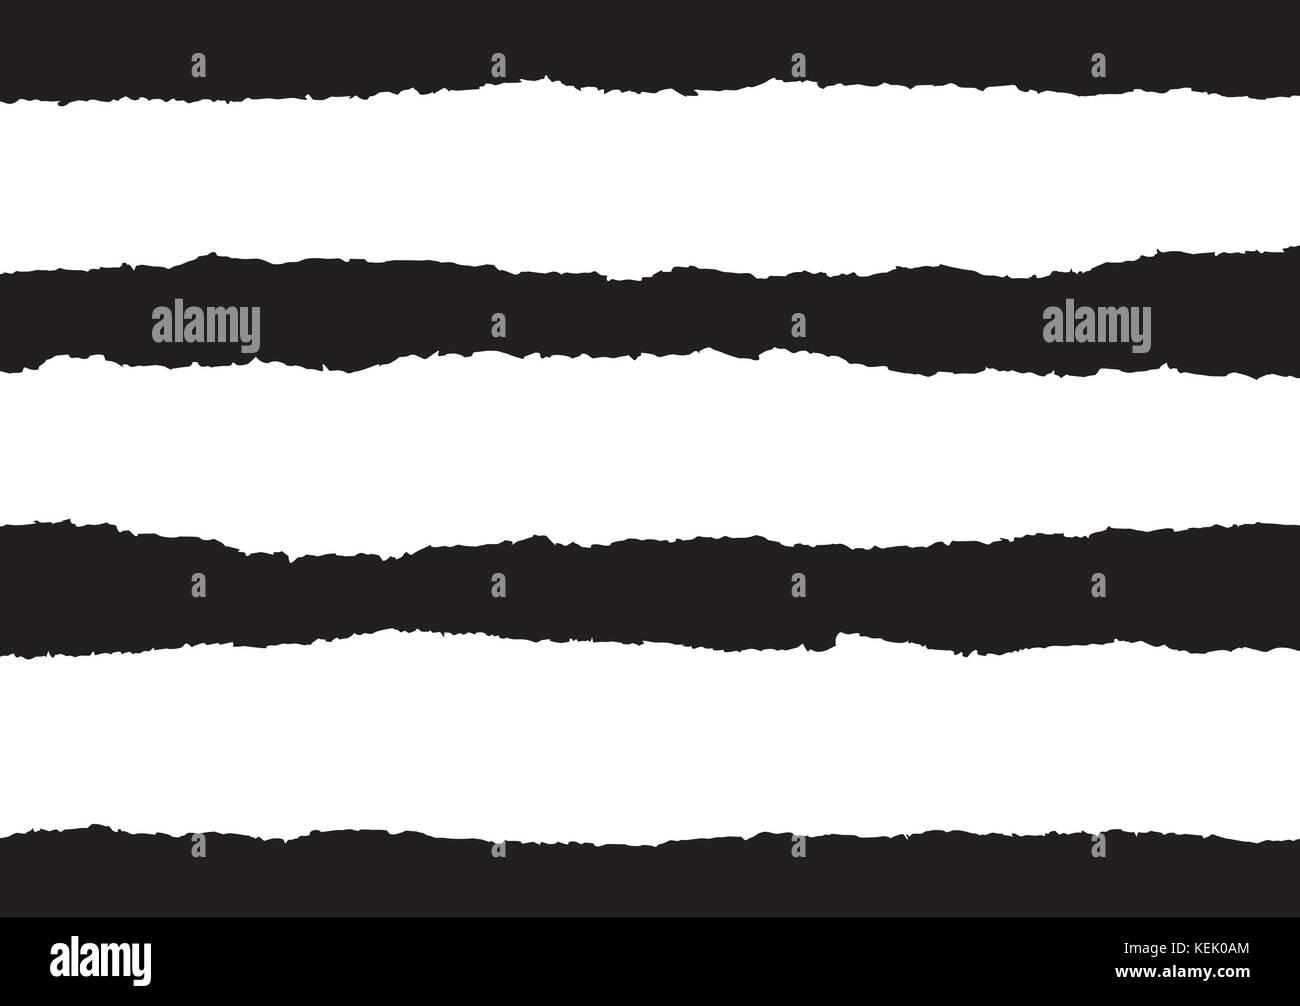 Carta strappata vettori su sfondo nero Immagini Stock